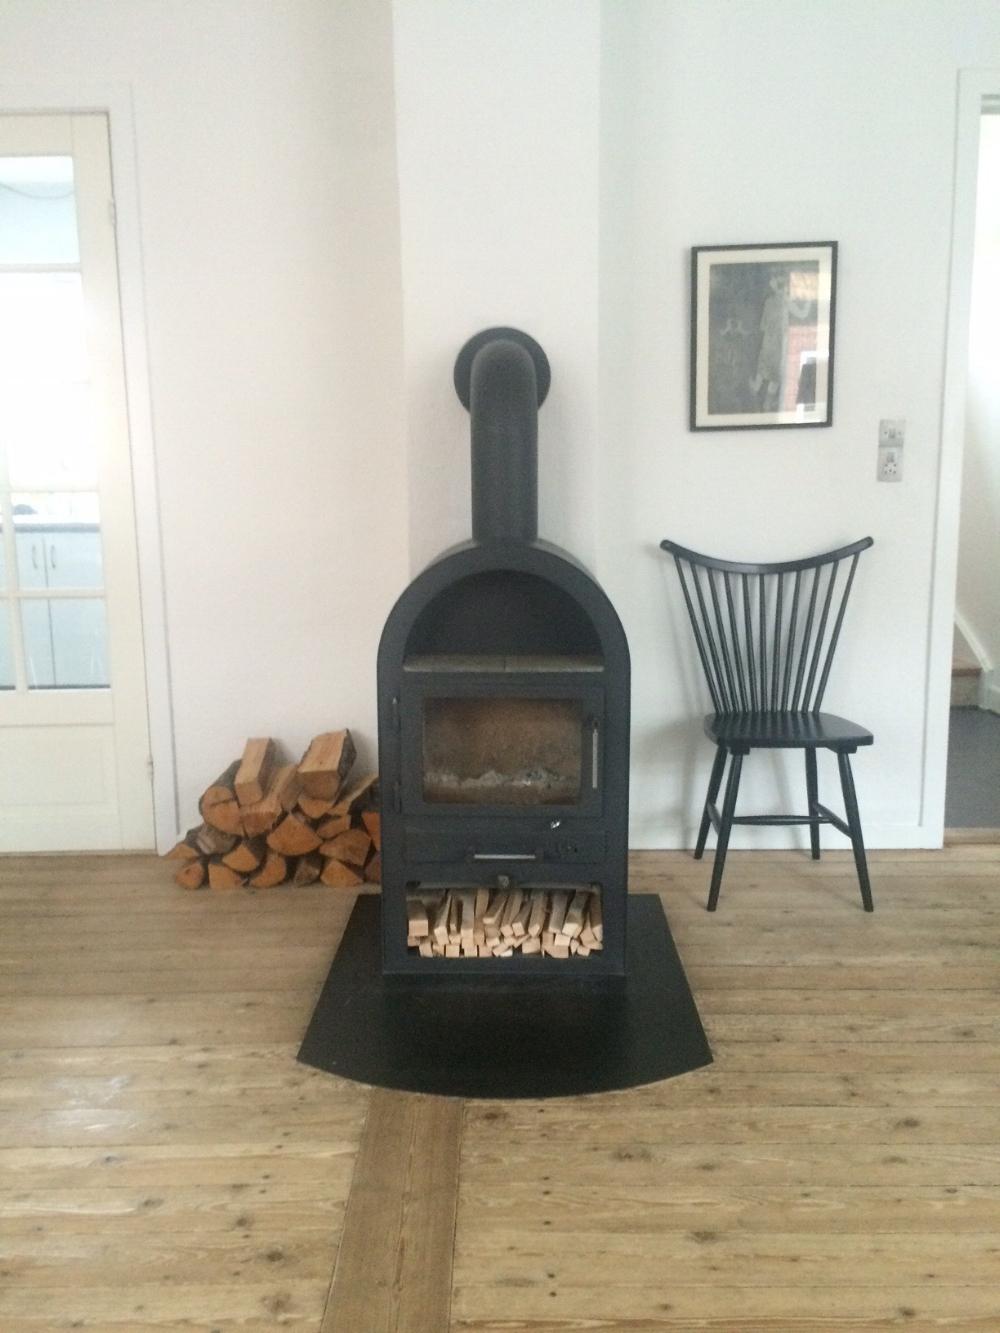 A fire stove in our home, my dream! // Una stufa in casa, il mio sogno!